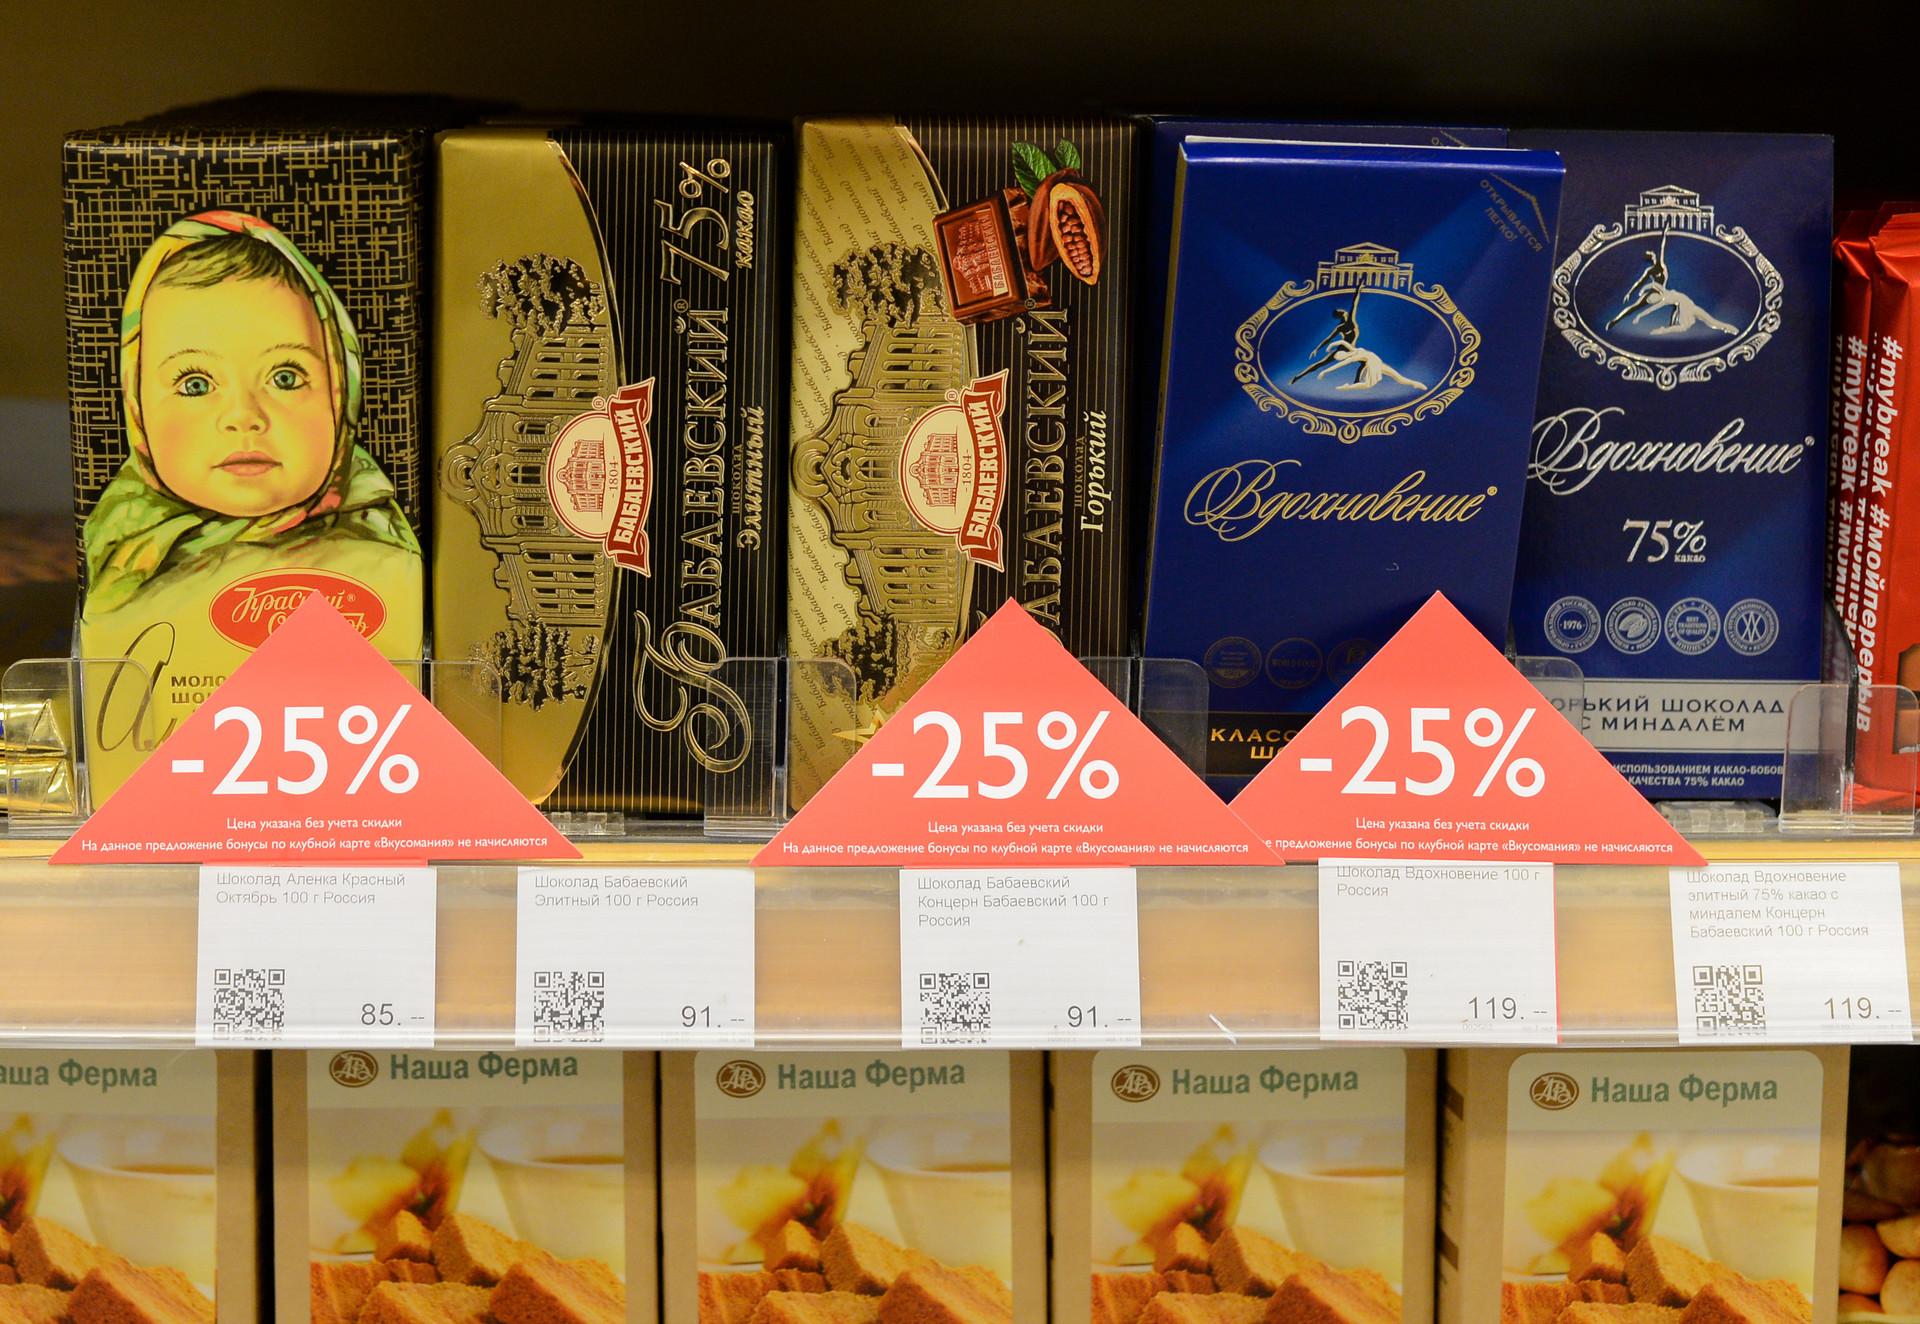 Diproduksi sejak 1965, cokelat Alyonka (kiri) adalah salah satu cokelat batangan terpopuler buatan pabrik Krasny Oktyabr, yang merupakan salah anak perusahaan Uniconf.